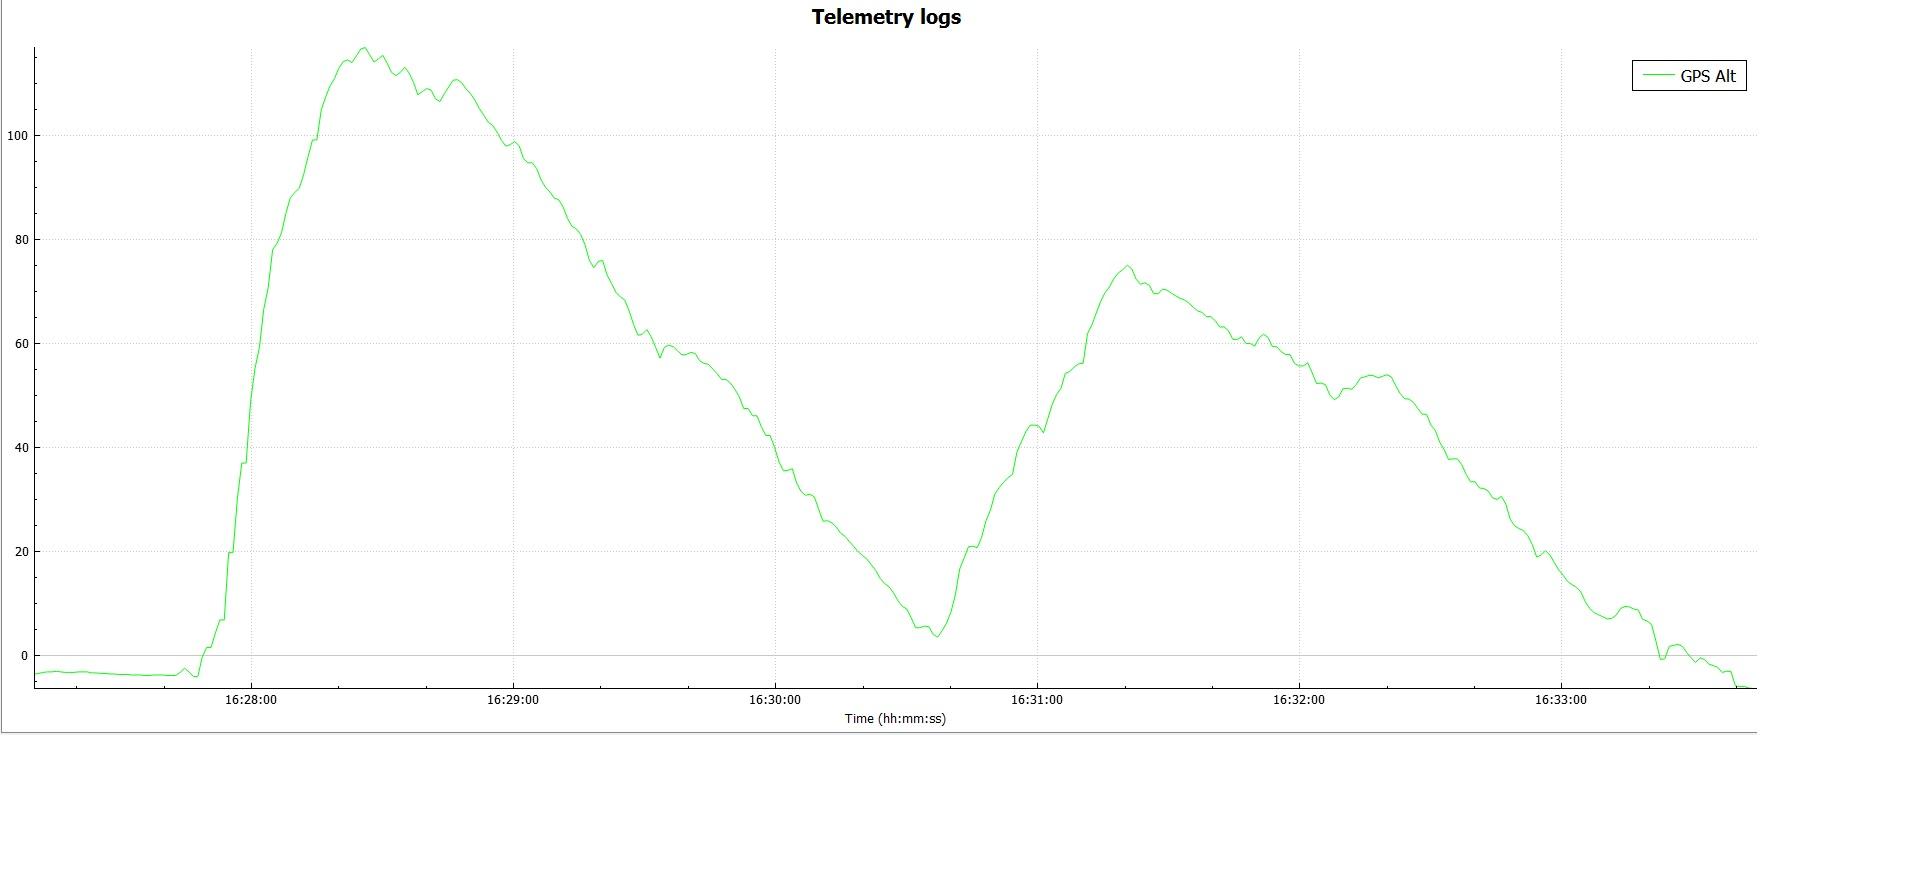 GPS Logfile ALT Hoogten van 0 tot 100 m..jpg